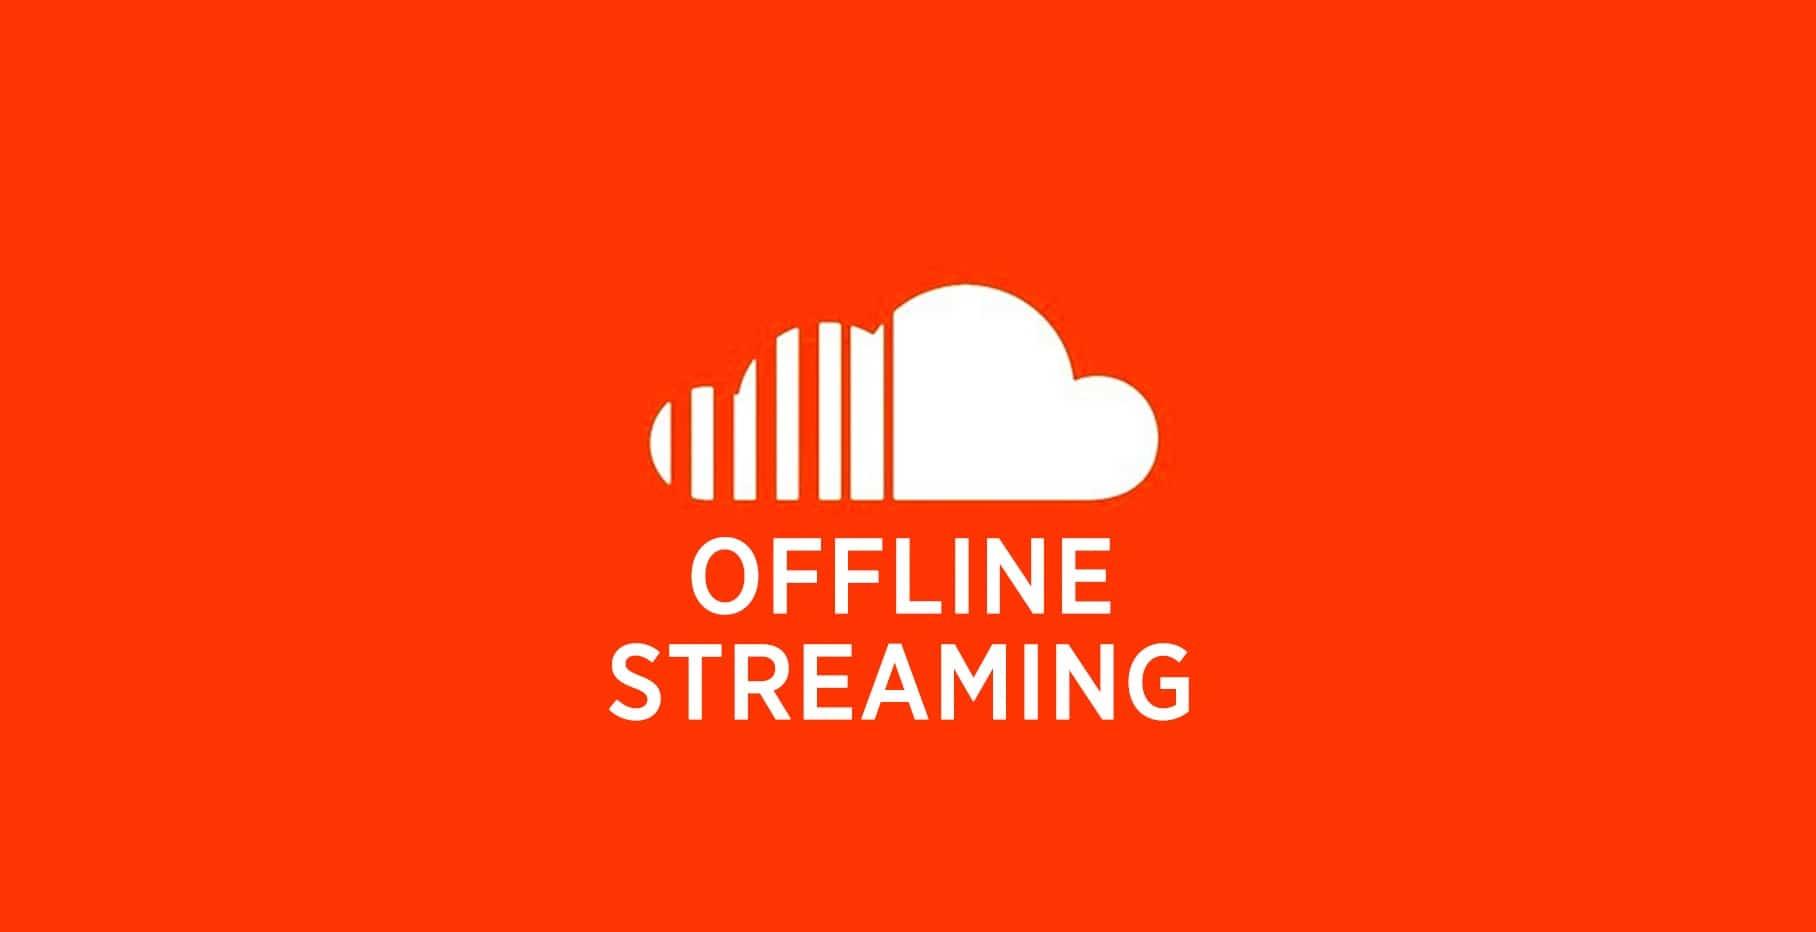 Los DJ ahora pueden transmitir sin conexión desde SoundCloud con una nueva suscripción 10